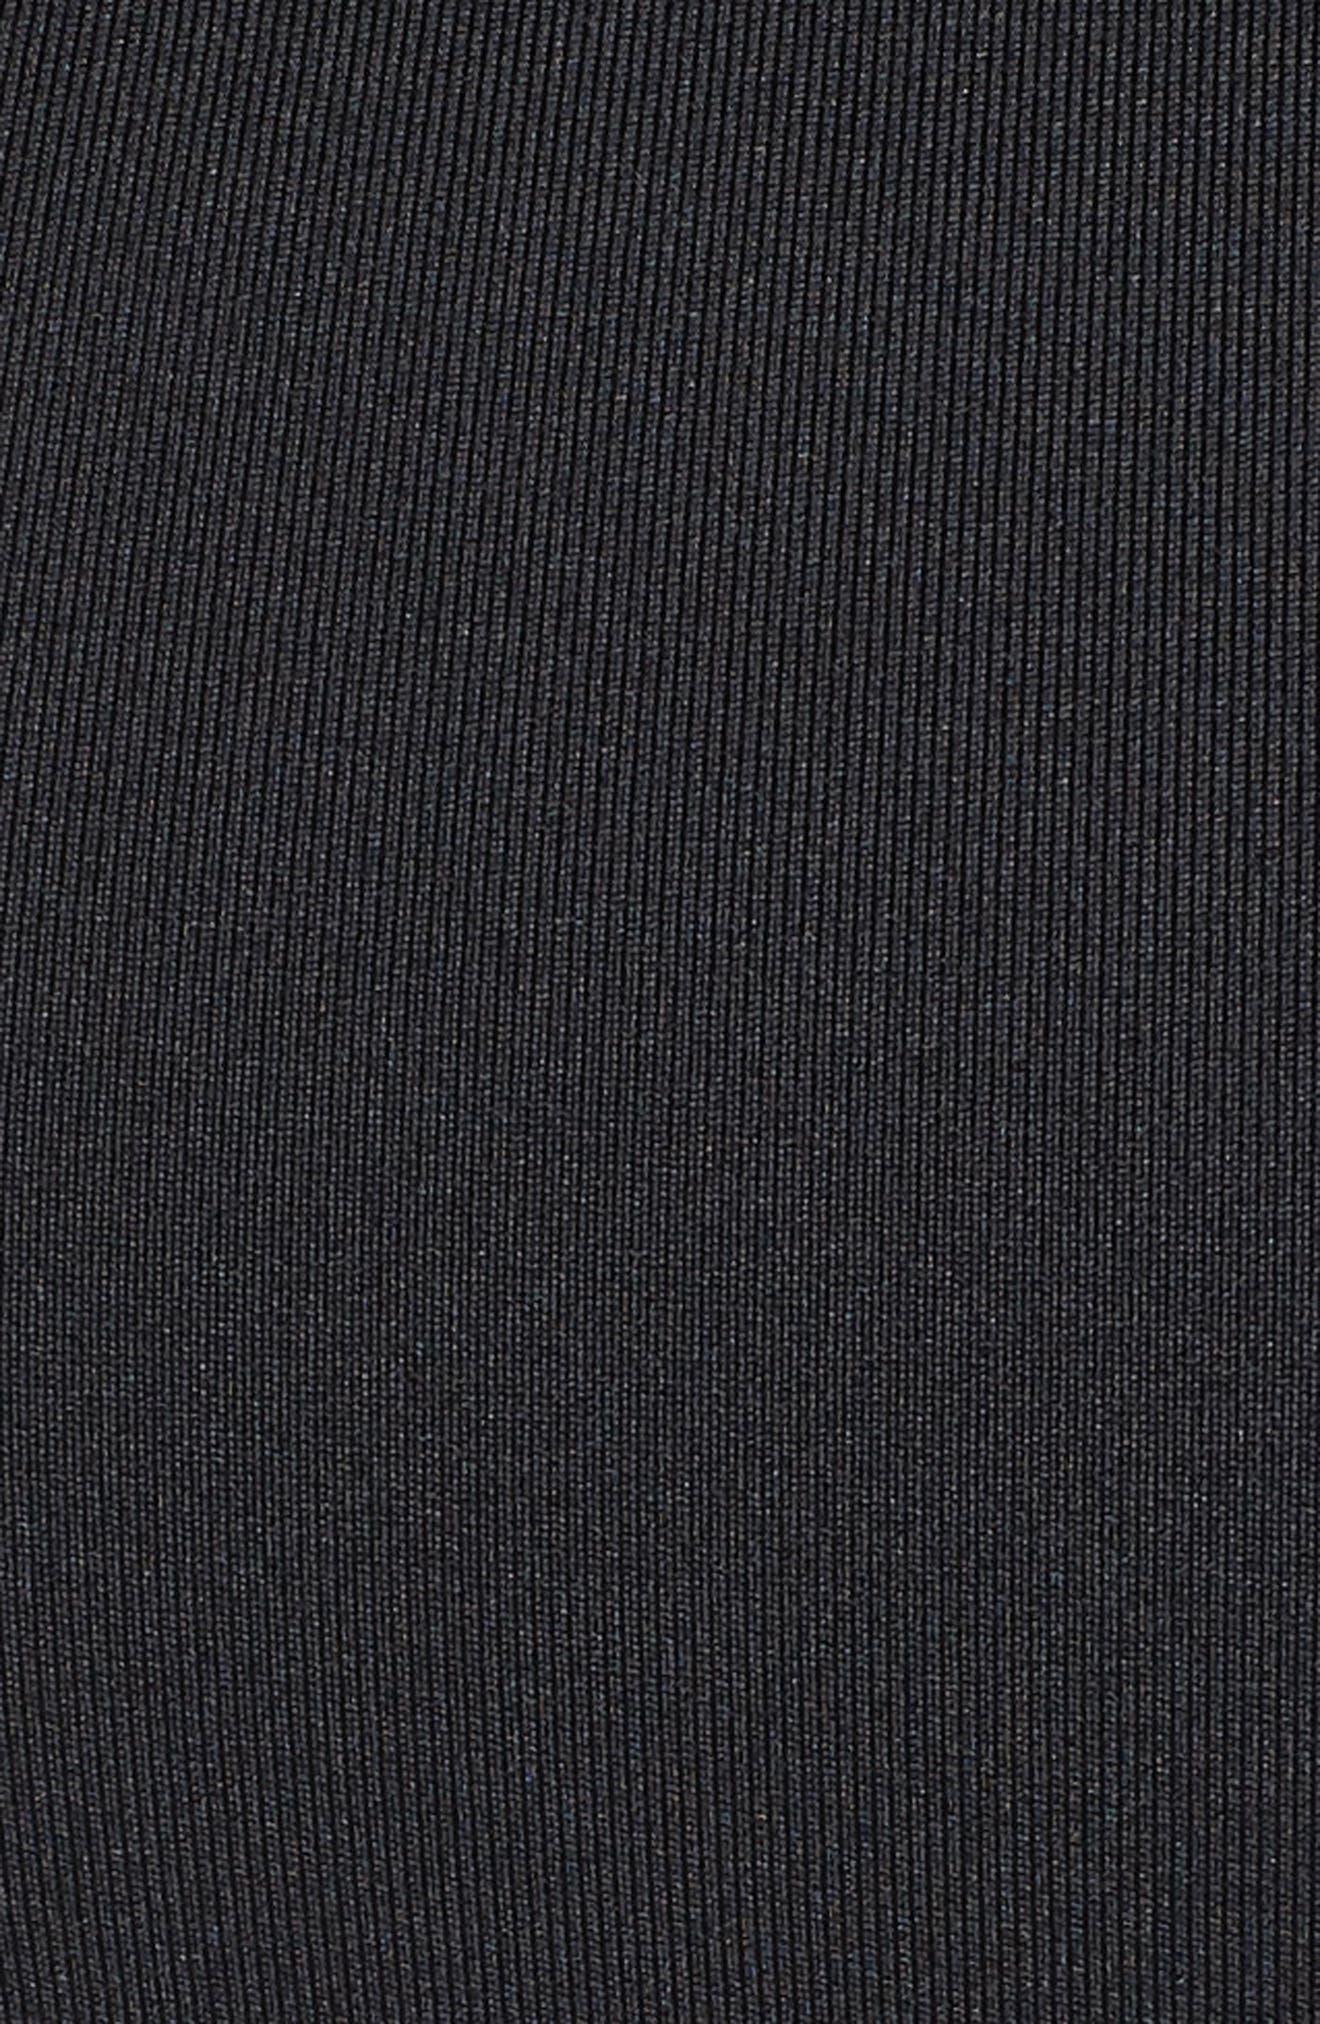 Swoosh Pocket Sports Bra,                             Alternate thumbnail 6, color,                             BLACK/ BLACK/ WHITE